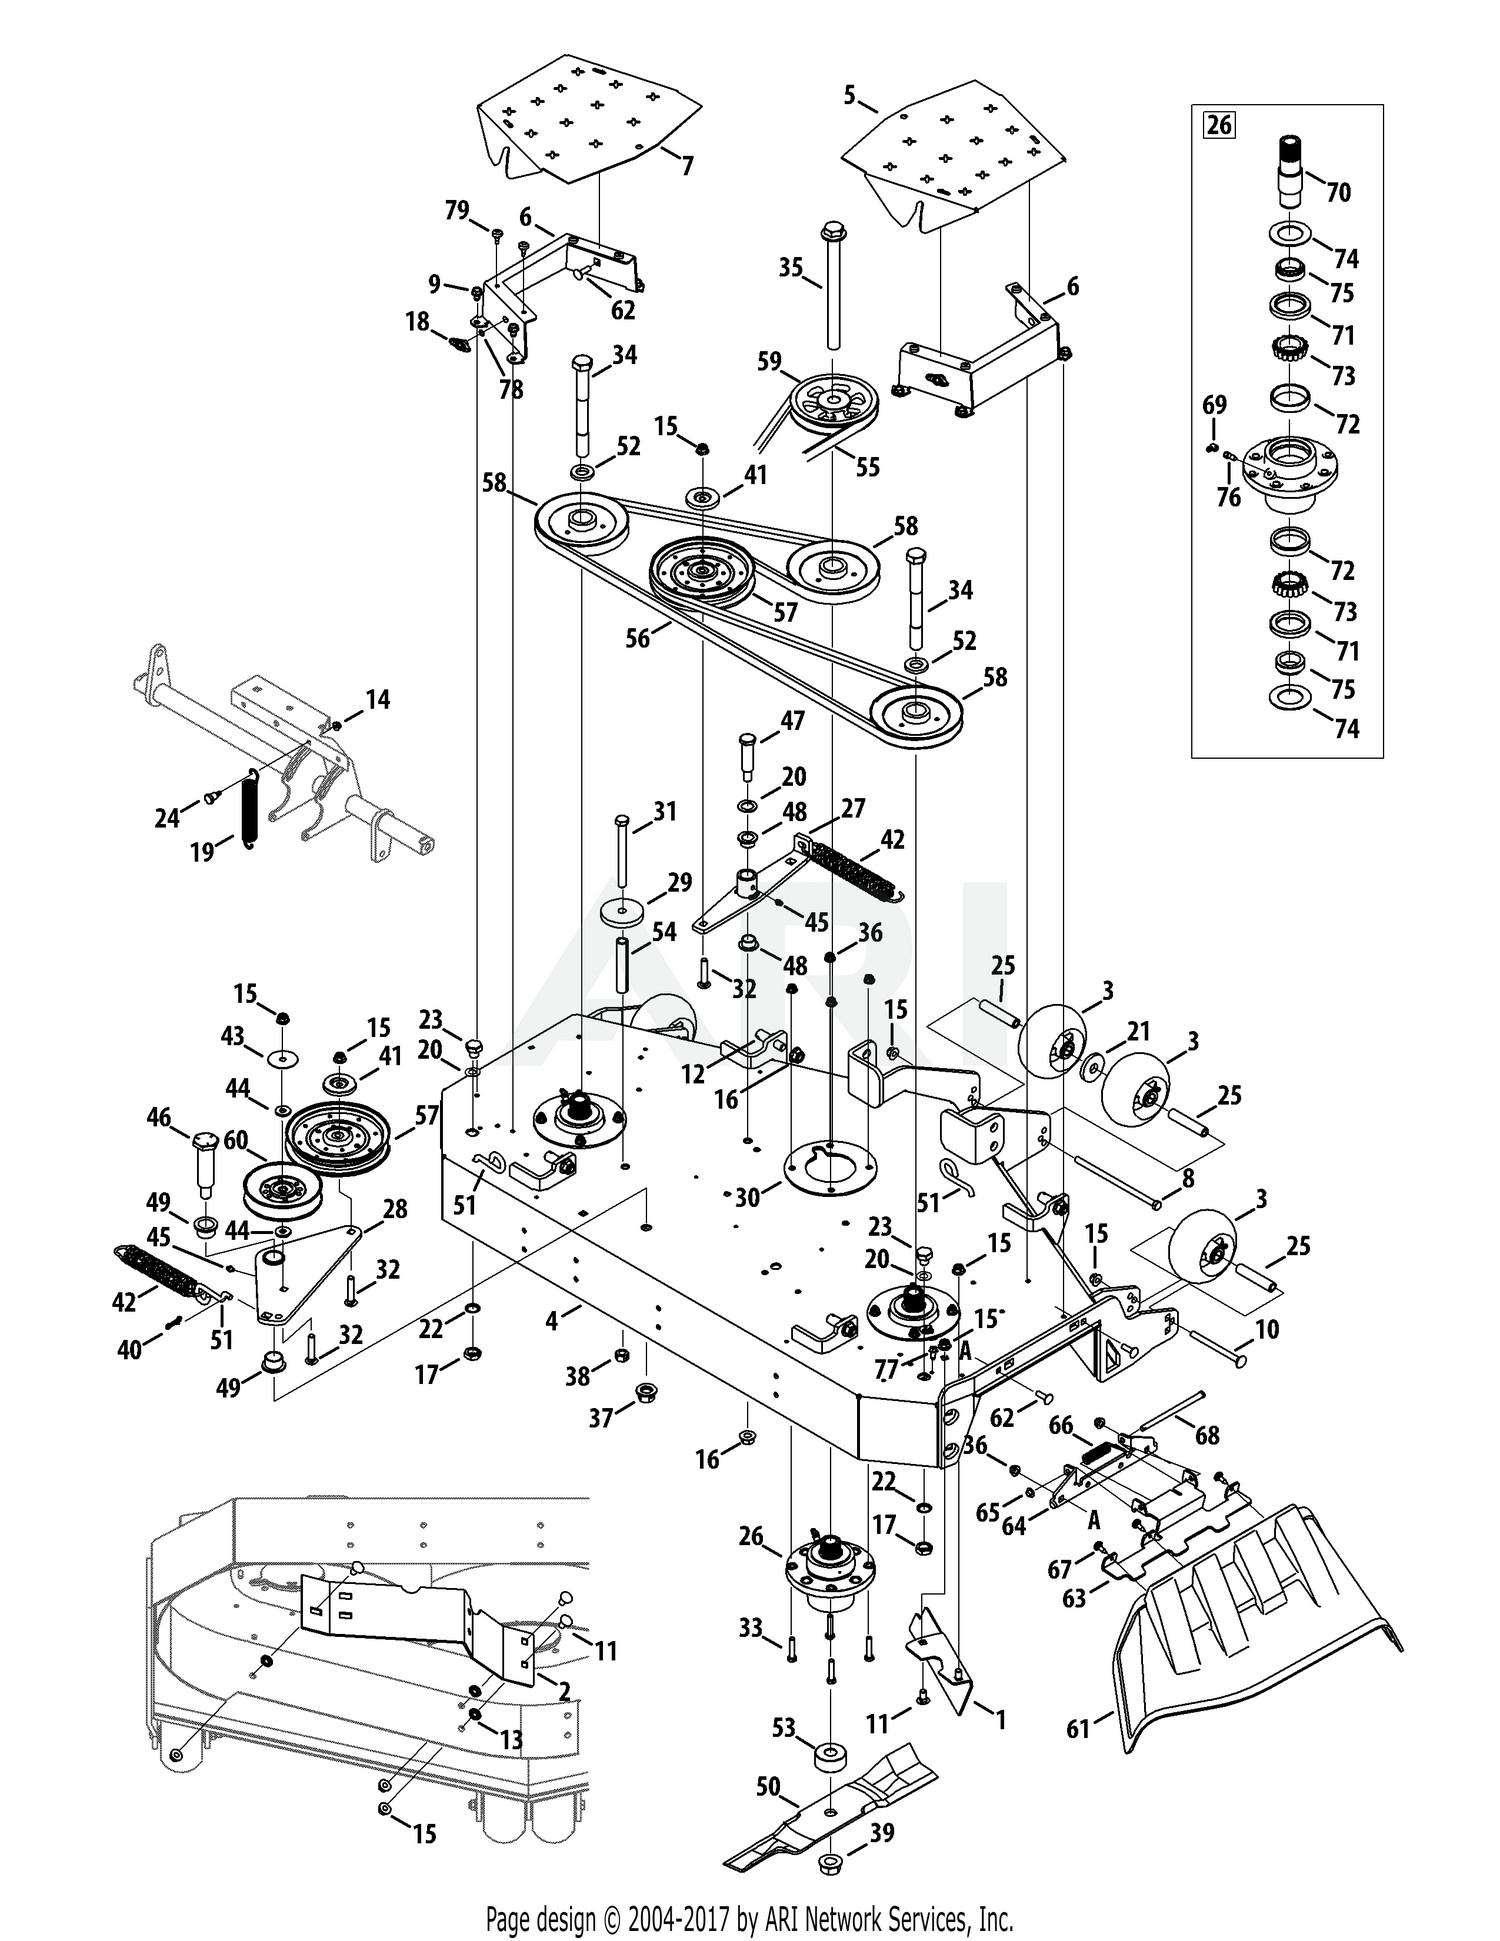 Cub cadet mower deck parts diagram cub cadet parts diagrams cub cadet tank l60kw 2015 53yi2rtd050